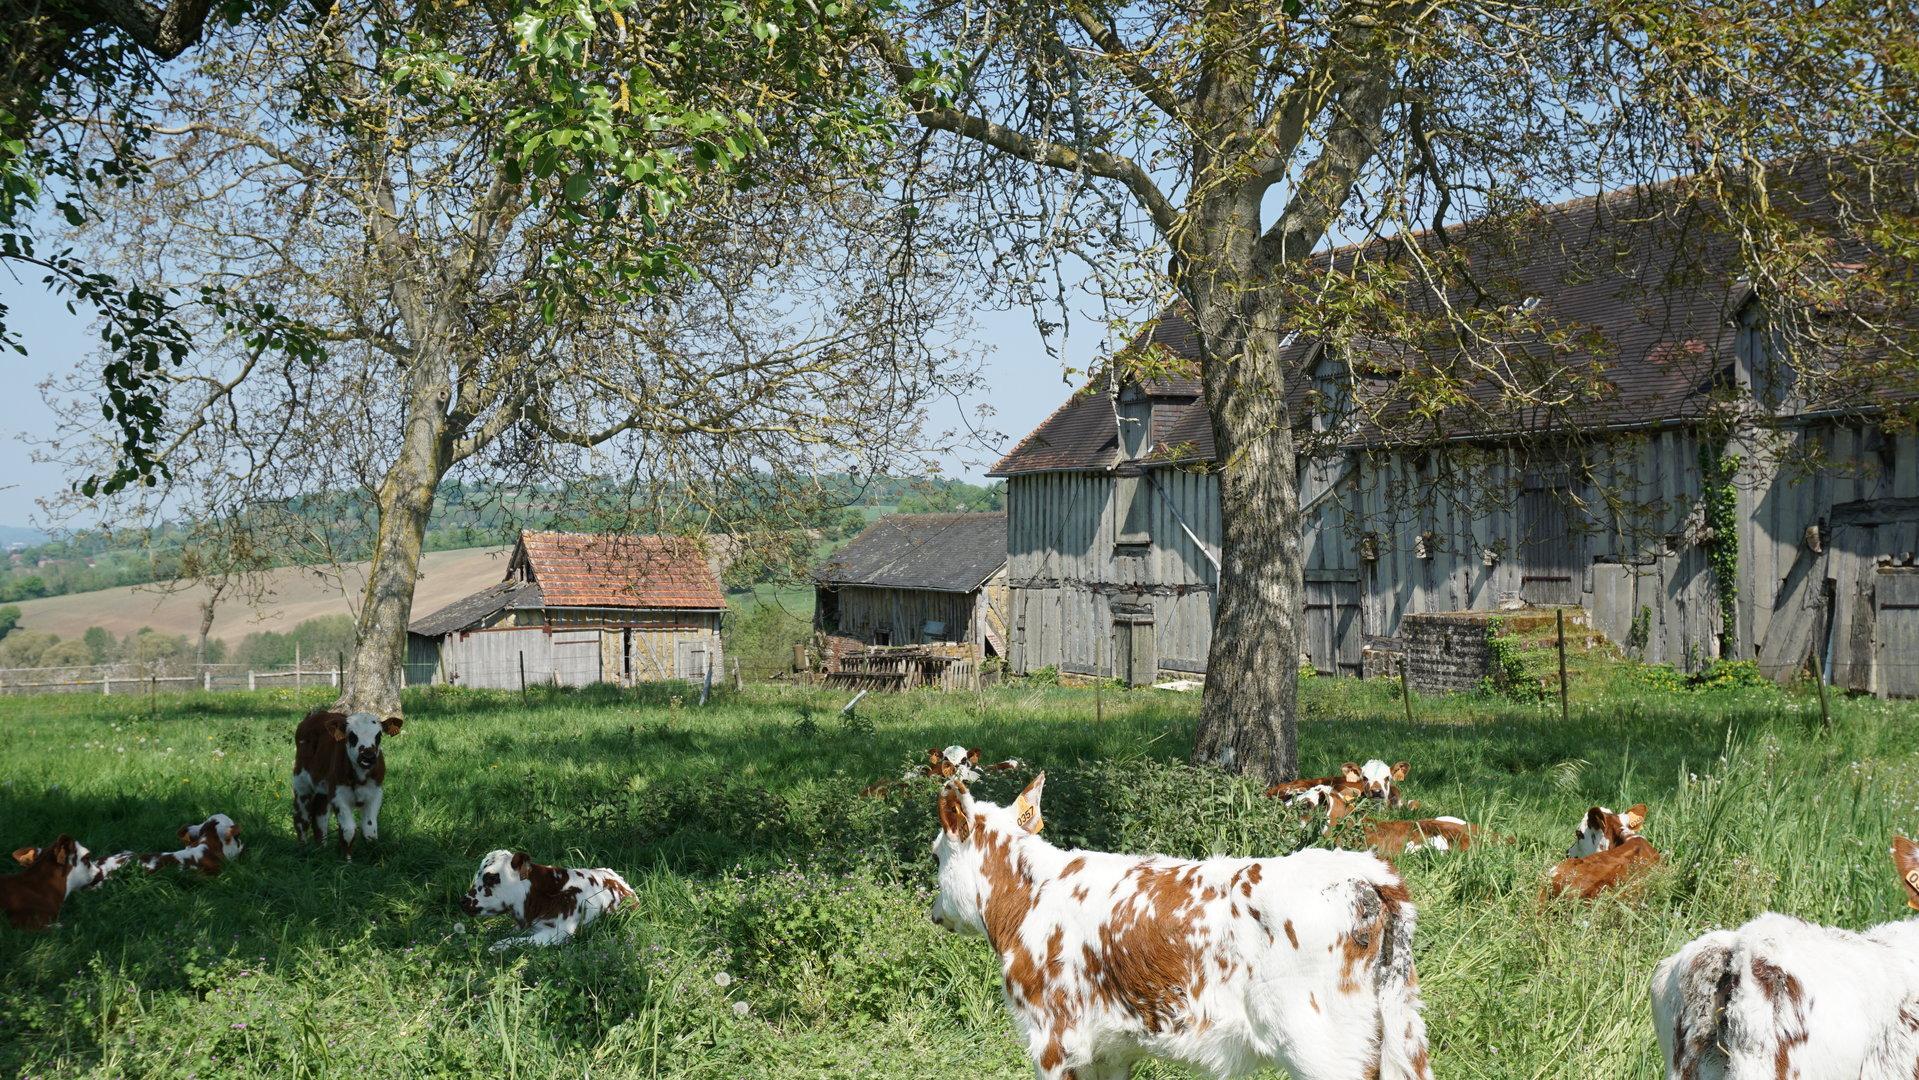 PAYS D'AUGE-ORNE Un manoir avec une vue magnifique sur la campagne et des dépendances